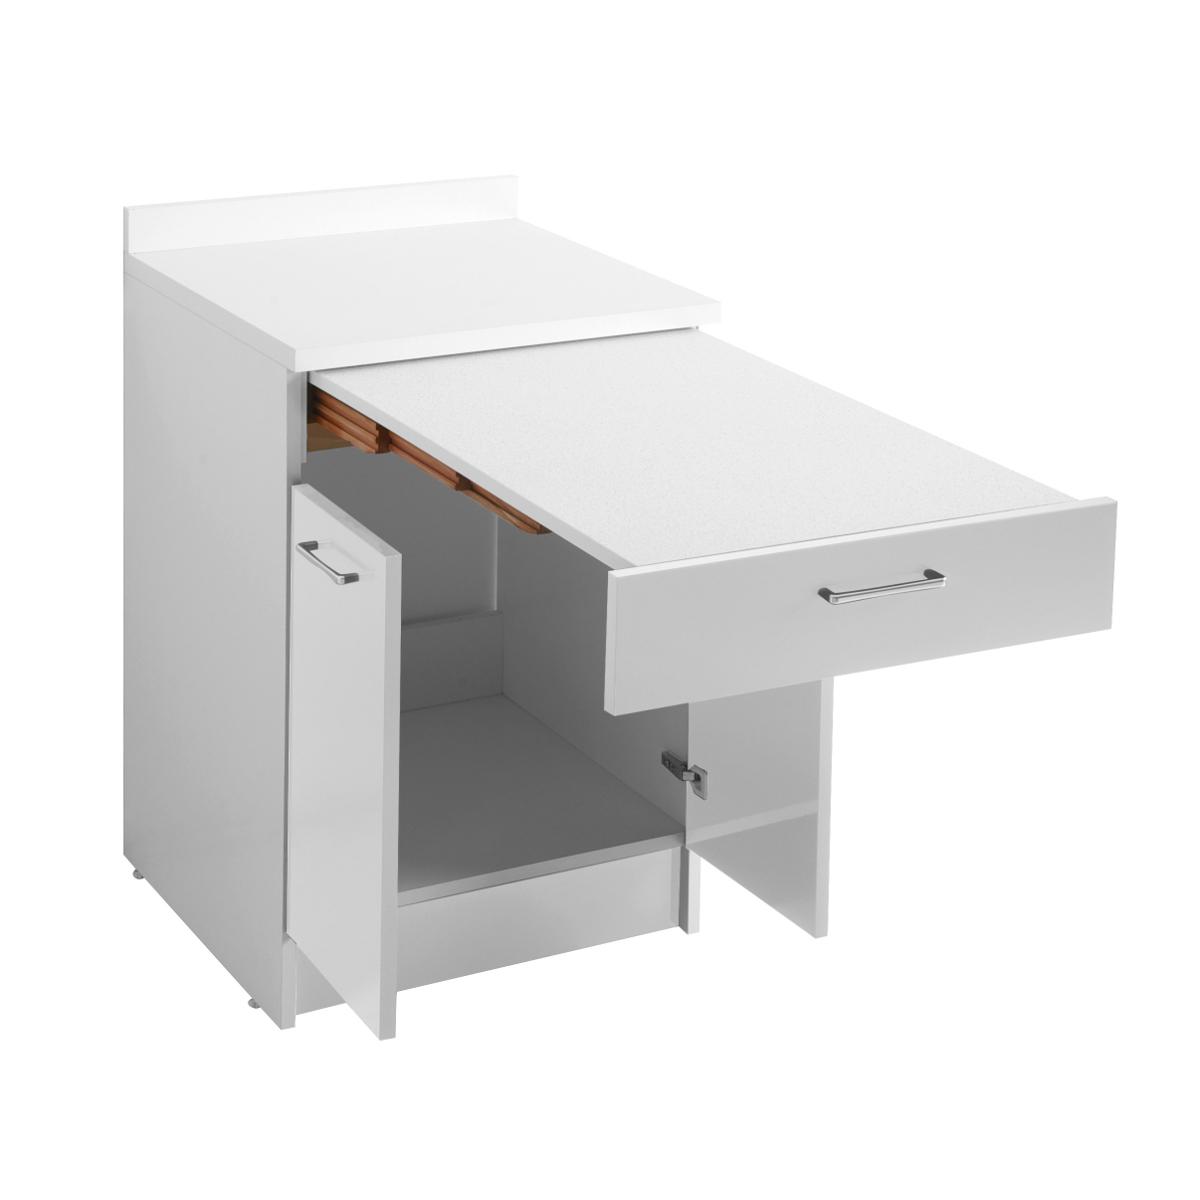 Mobile con tavolo estraibile 60x60x86 wash - Cucina tavolo estraibile ...